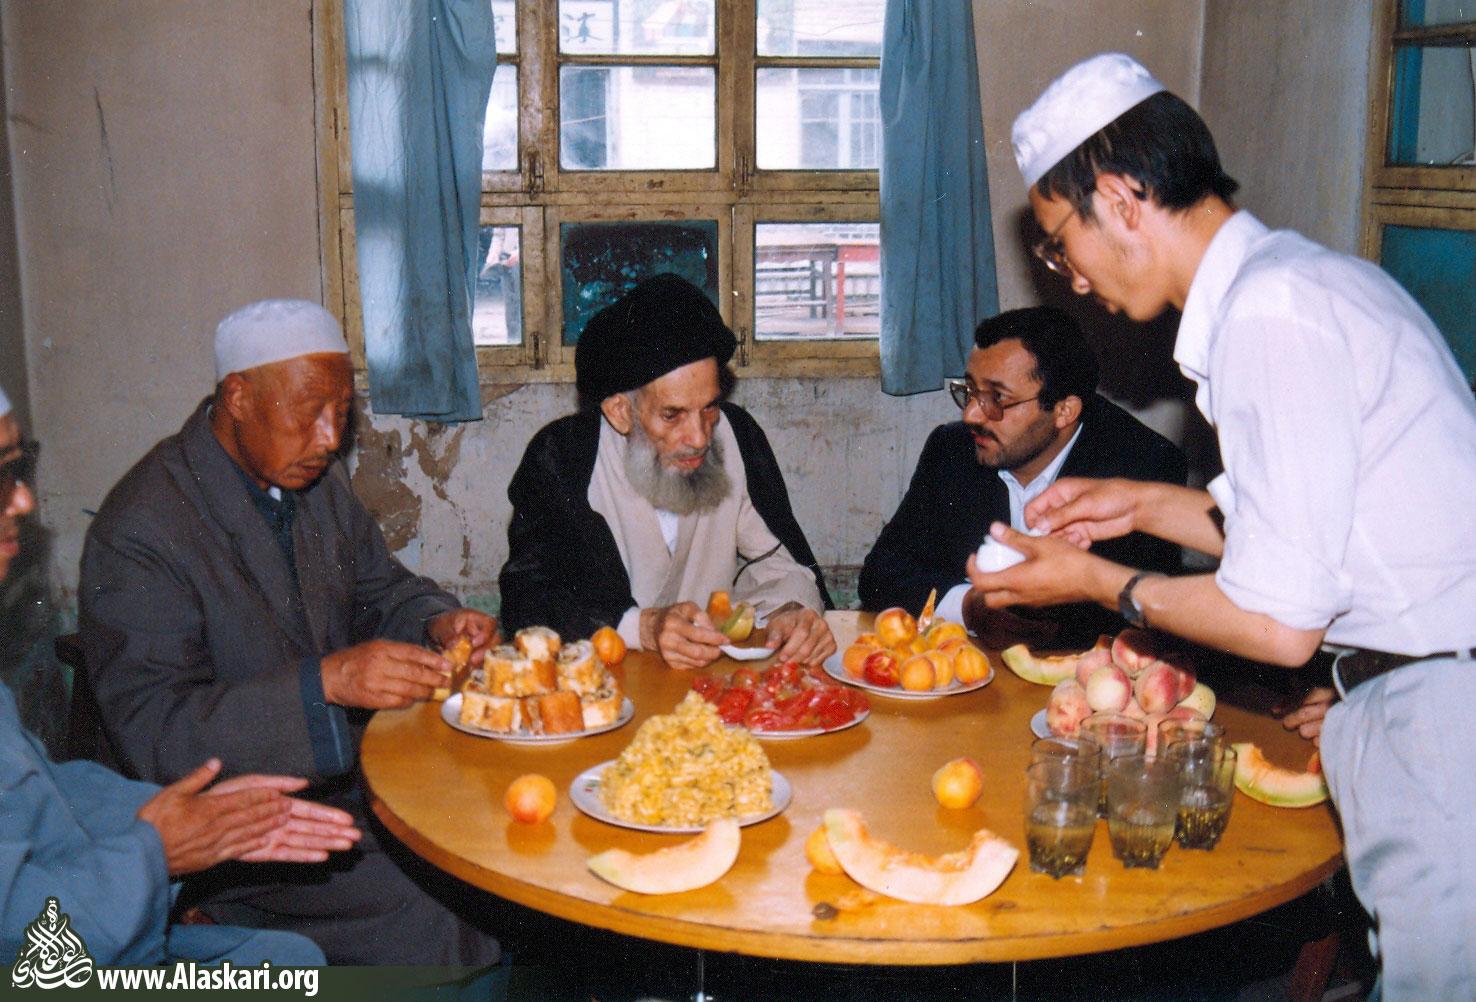 علامه عسکری در دفتر امام جماعت مسجد شیگون شهر لانچو به صرف میوه با همراهان گفتوگو کردند.